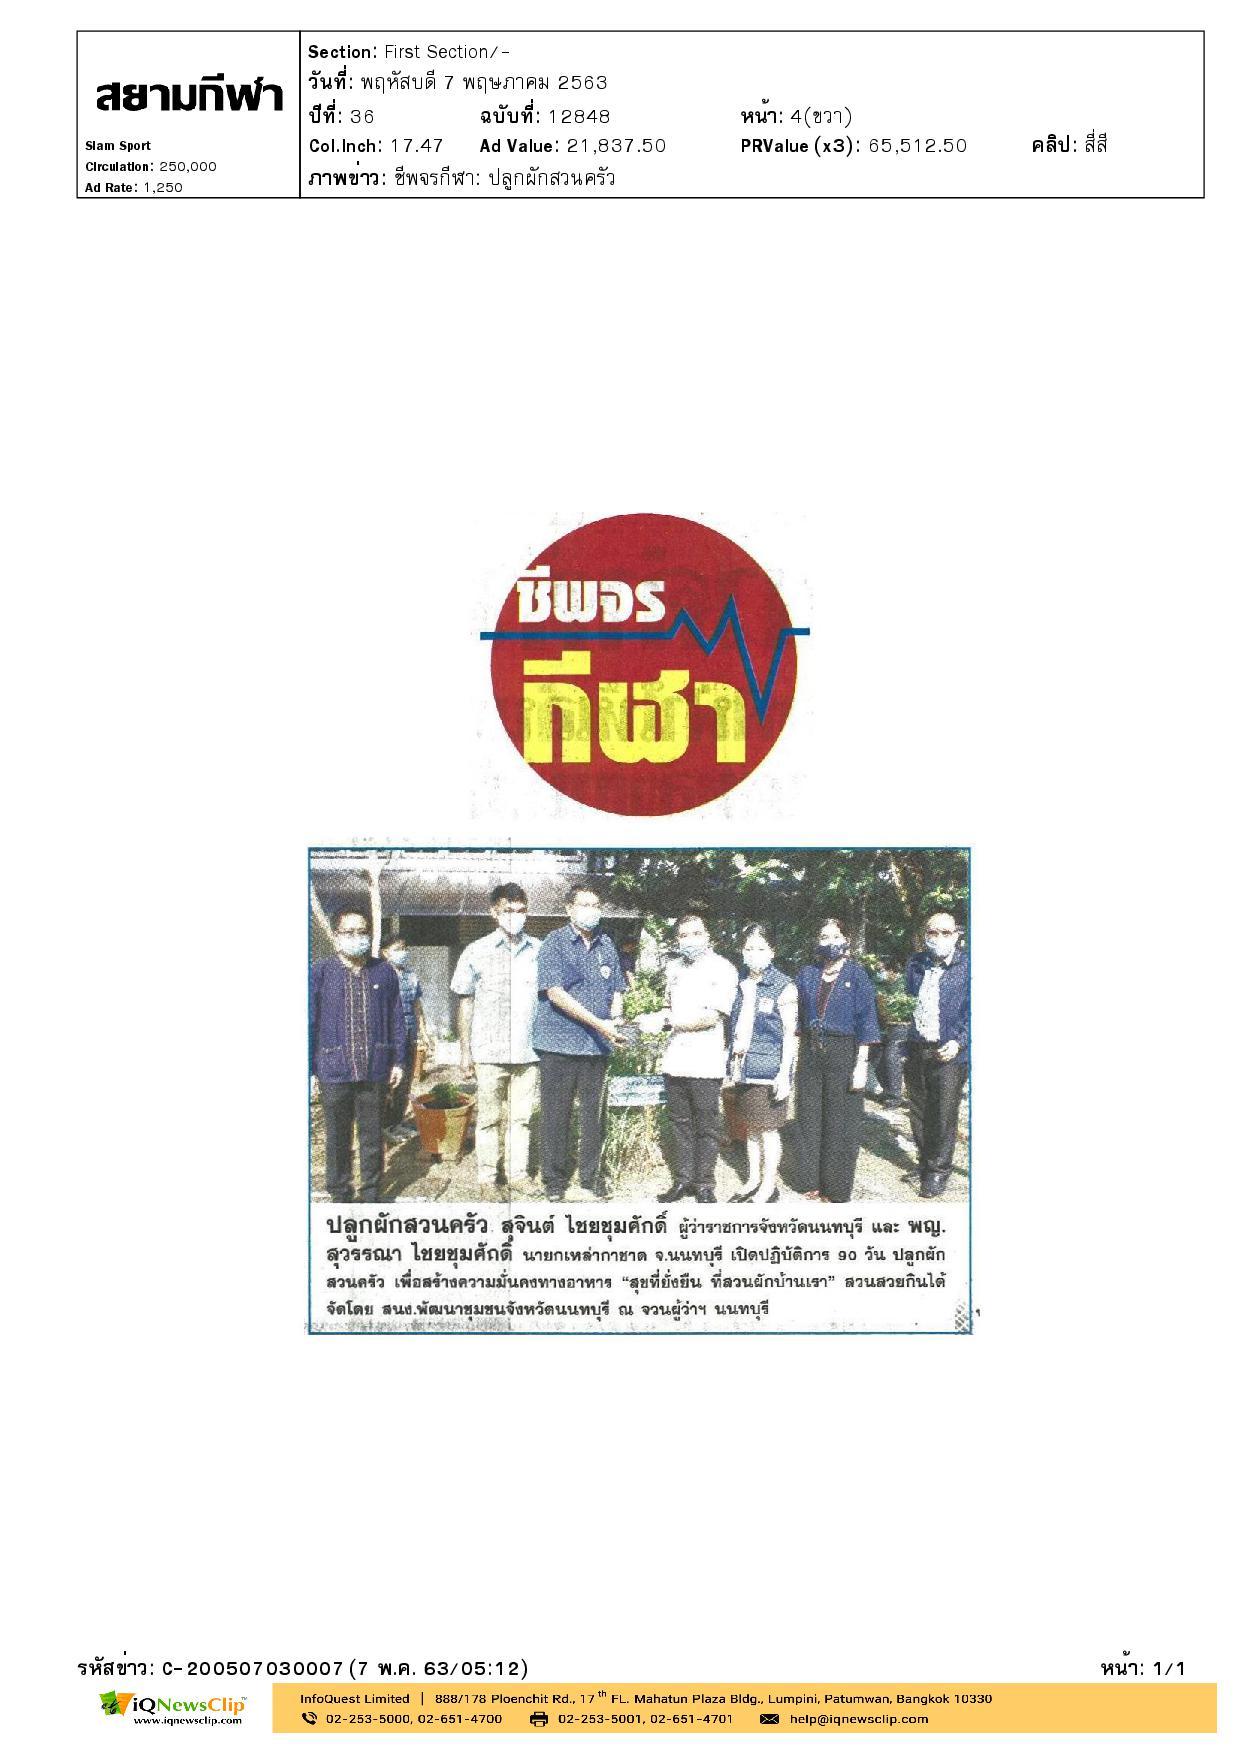 นายกเหล่ากชาด จ.นนทบุรี เปิดปฏิบัติการ 90 วัน ปลูกผัก สวนครัว